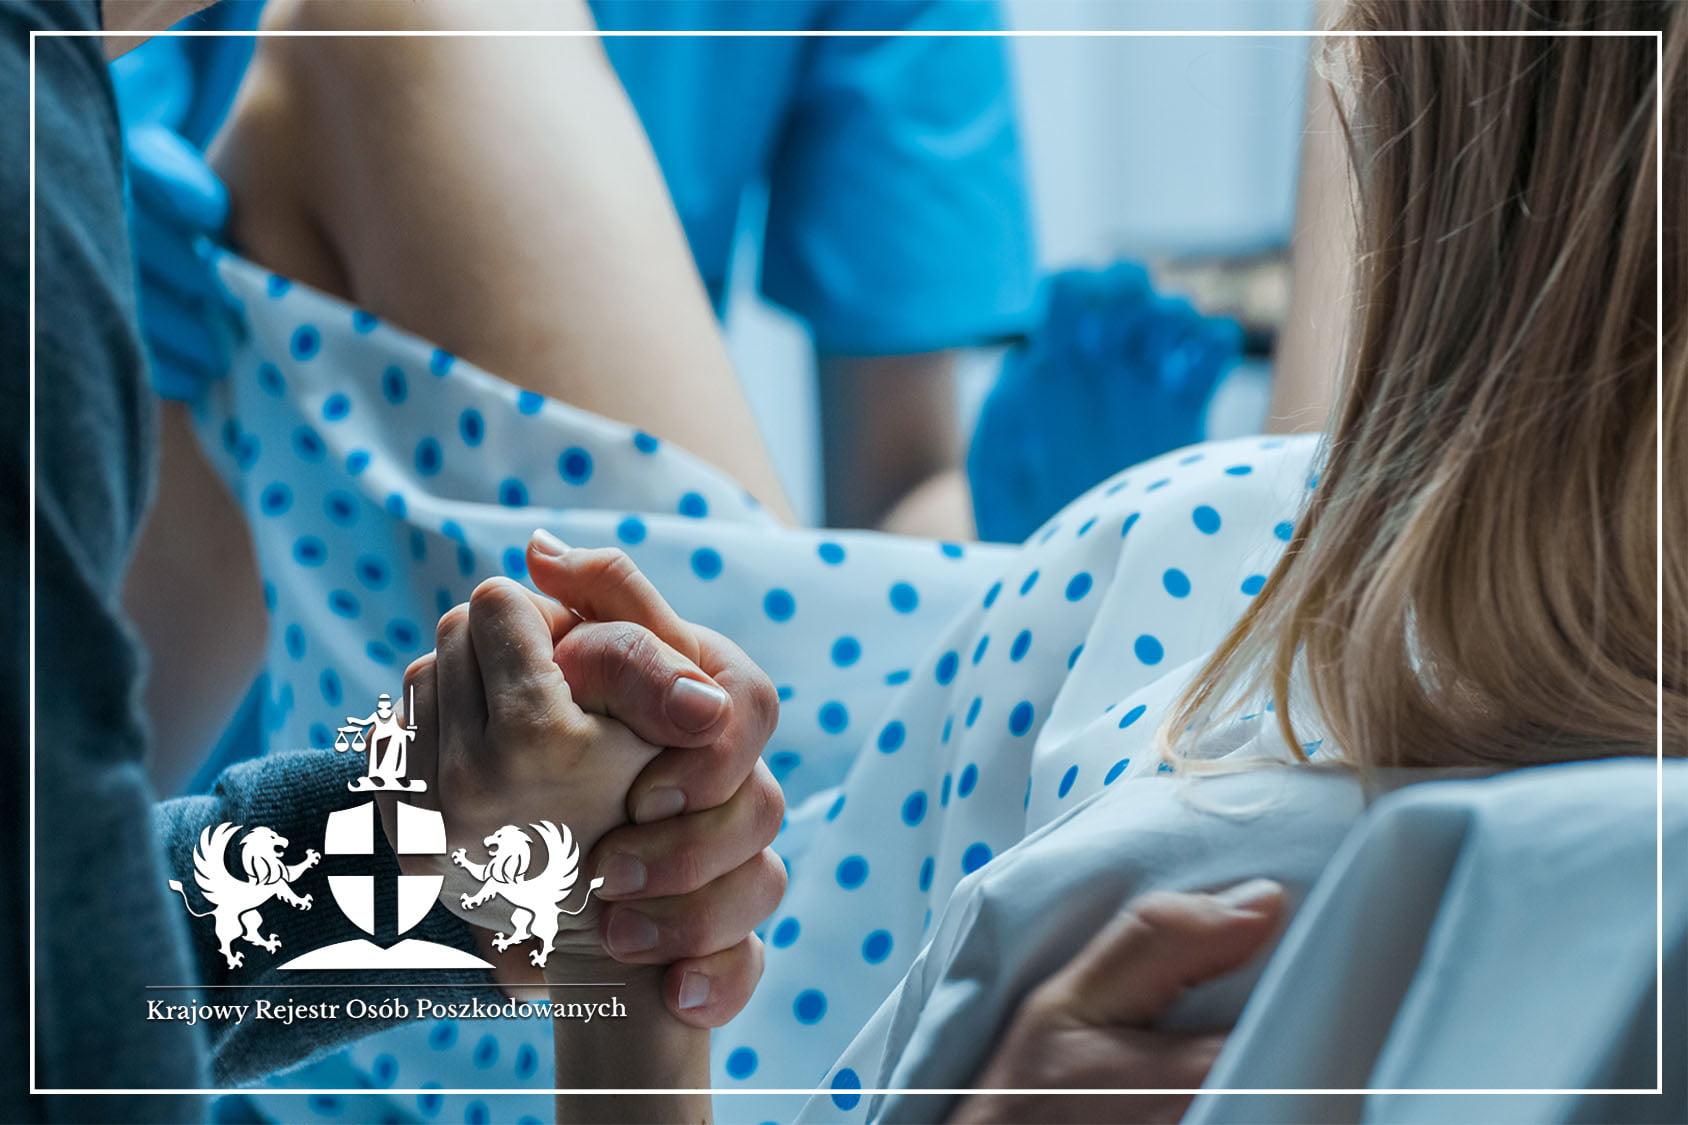 Zespół aspiracji smółki u noworodka